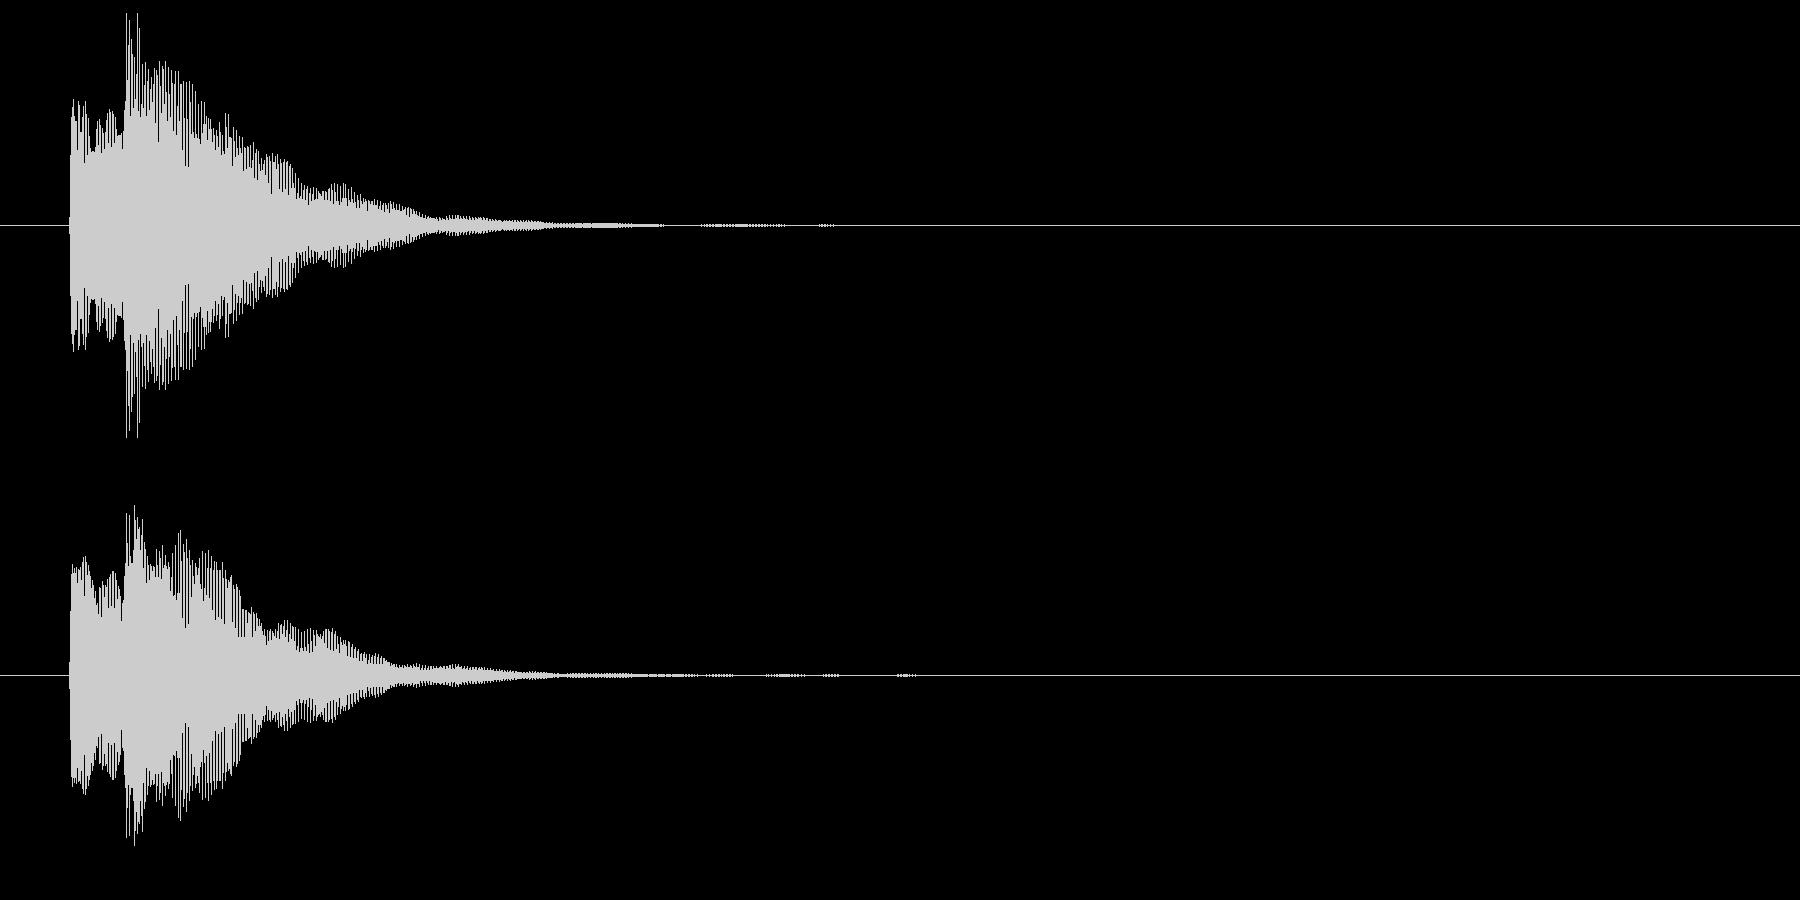 チャリンという決済音/コインの音(低音)の未再生の波形